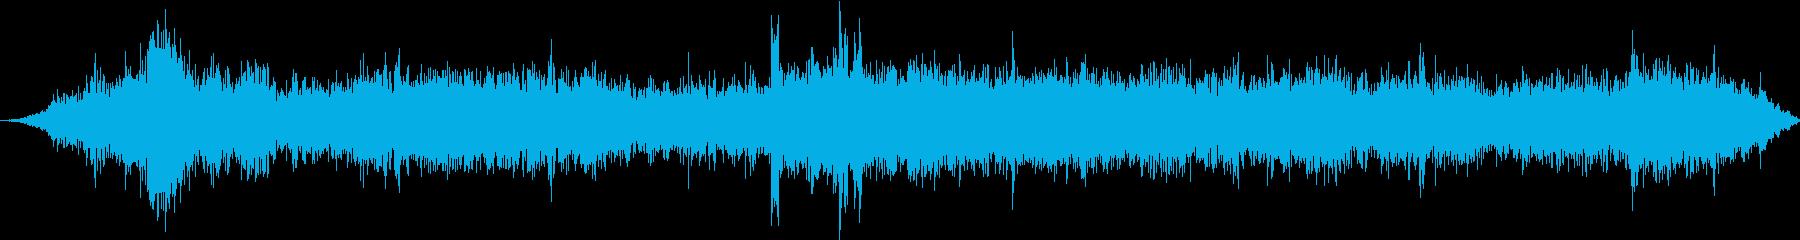 ダッジダート:インテリア:コーナー...の再生済みの波形